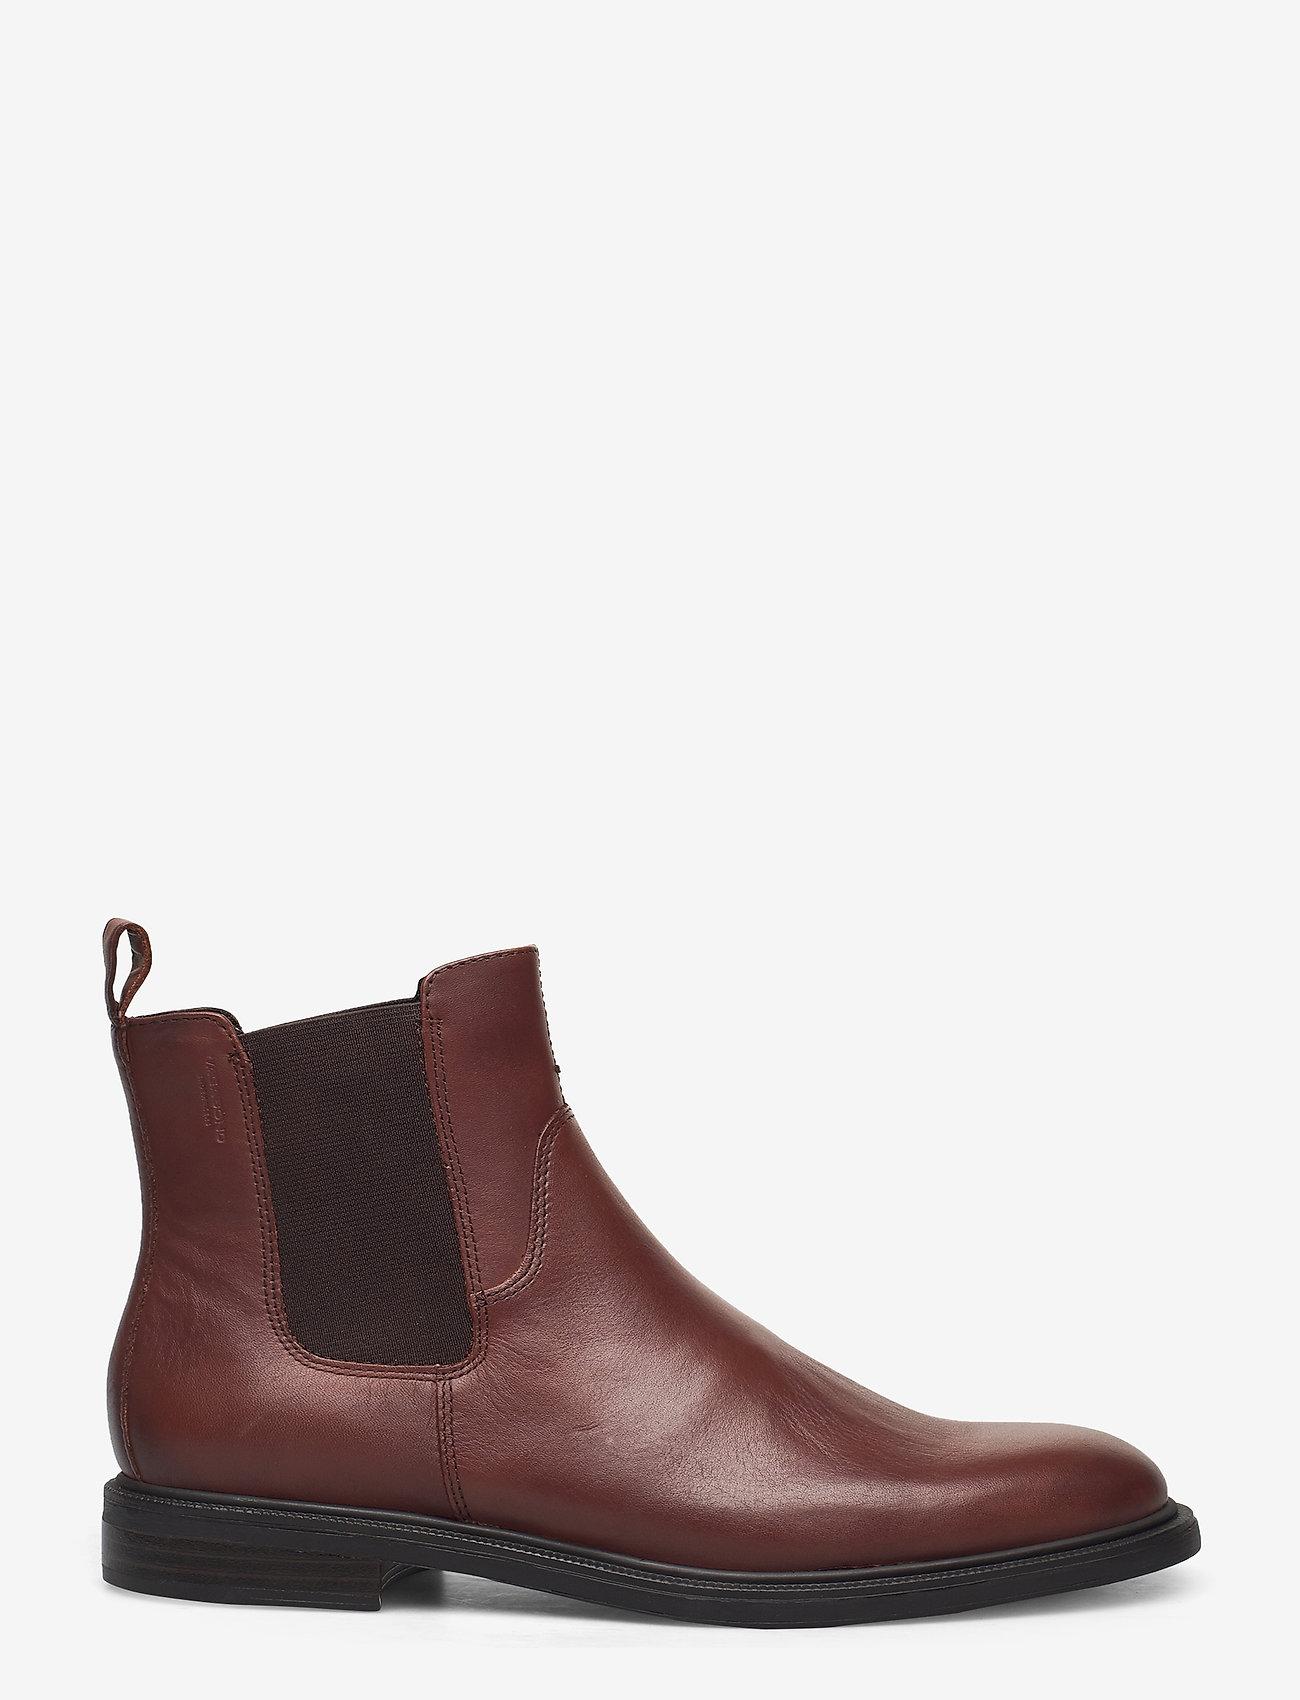 VAGABOND - AMINA - chelsea boots - cognac - 0